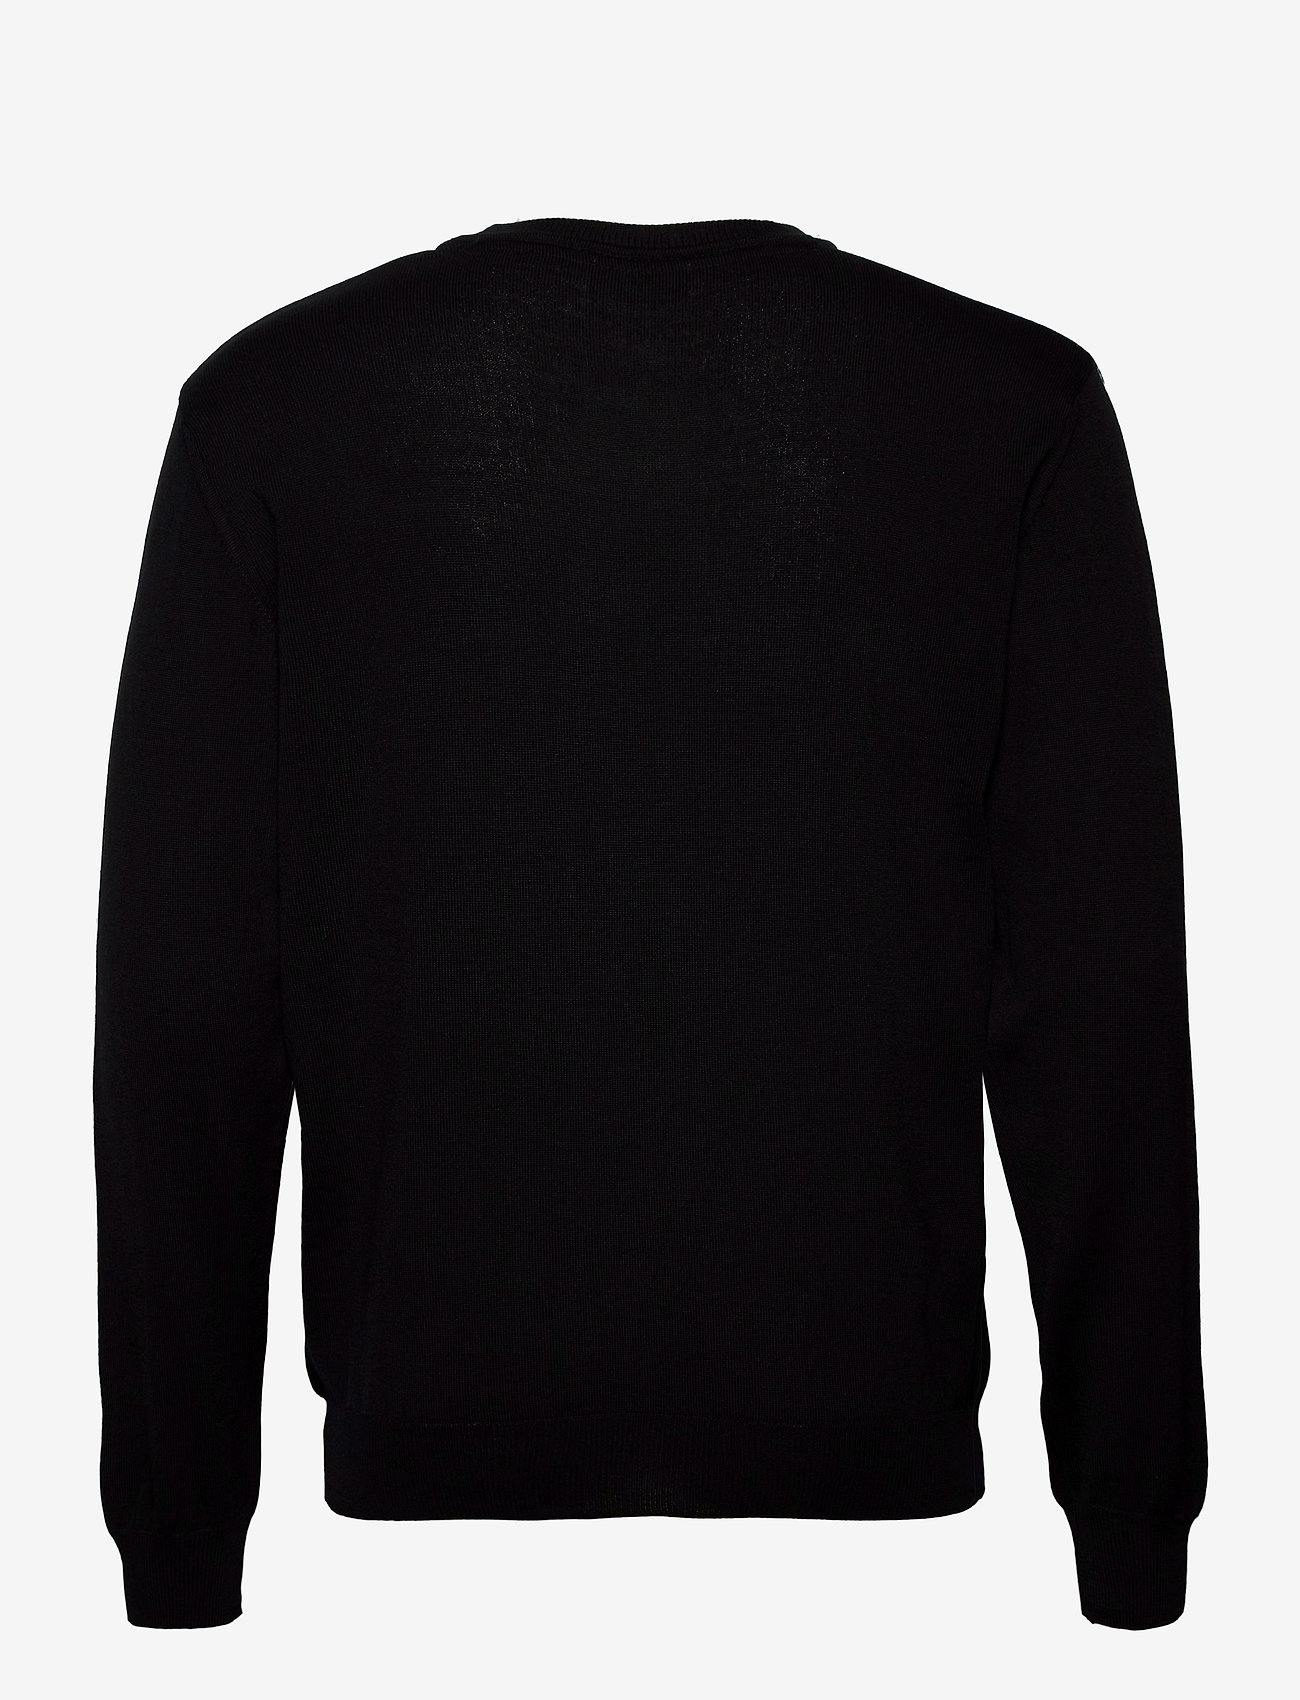 SAND - Merino Embroidery - Iq - basic strik - black - 1